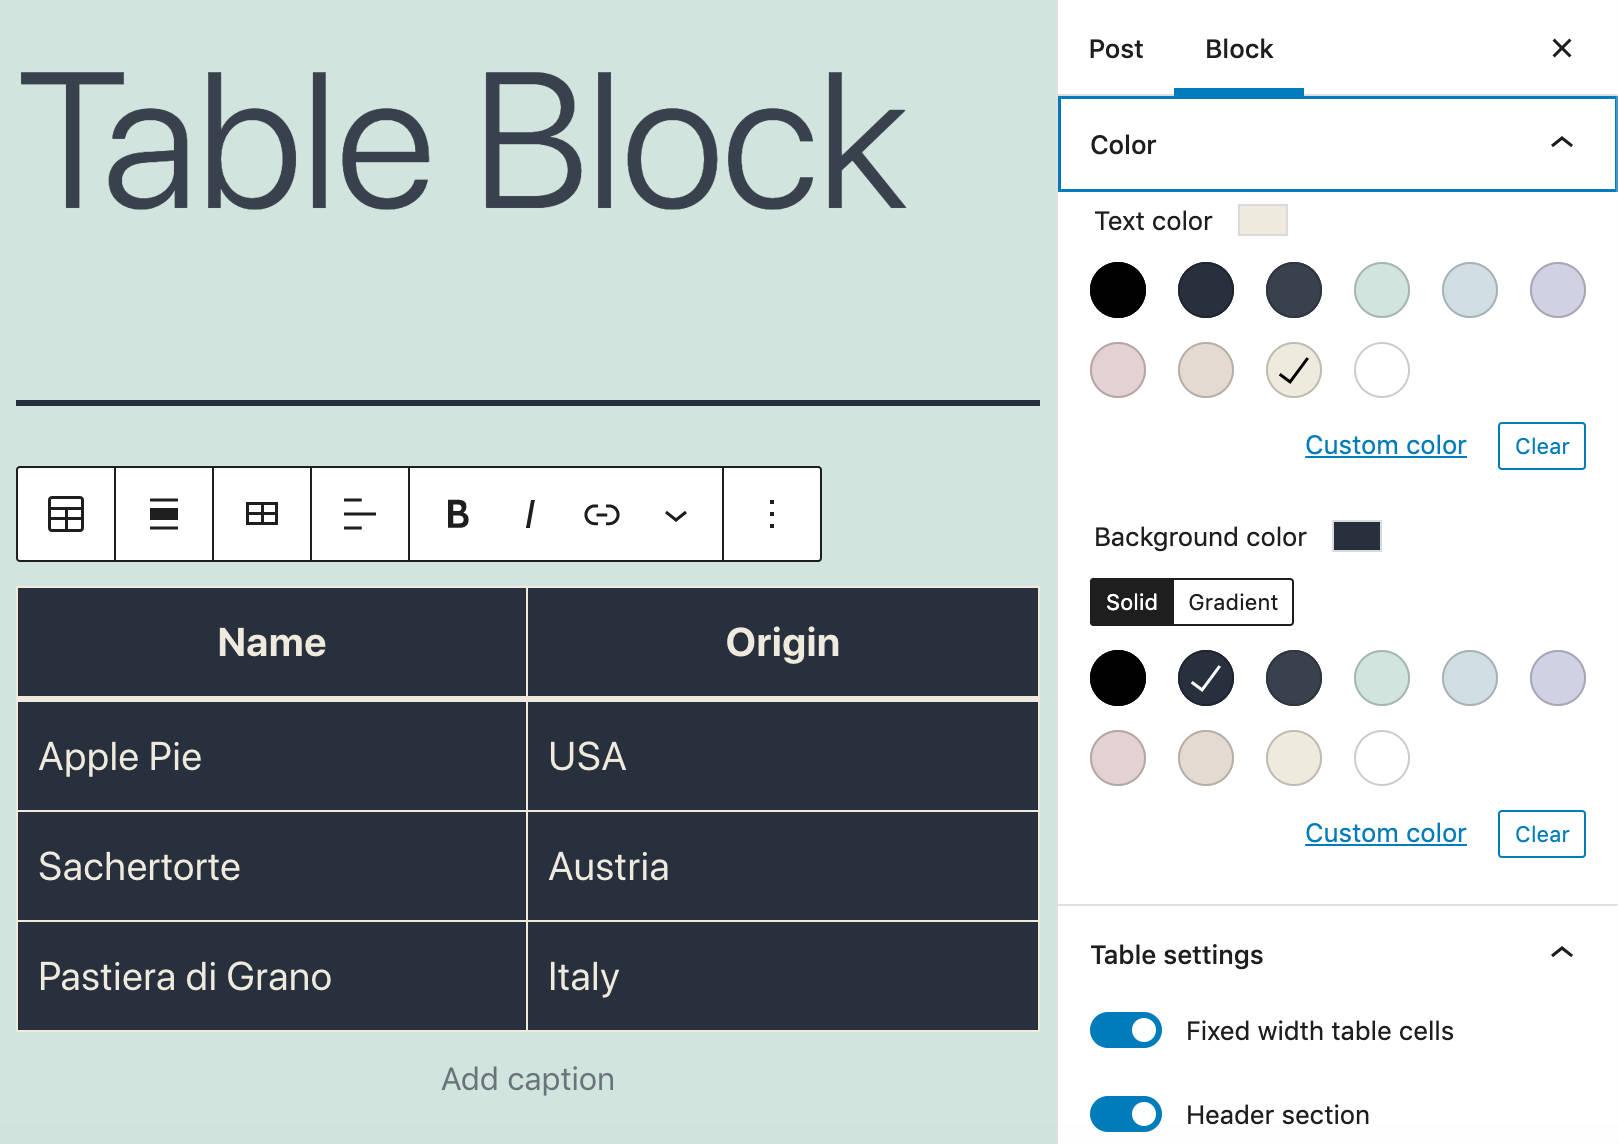 Configuración de color mejorada para bloques de mesa.